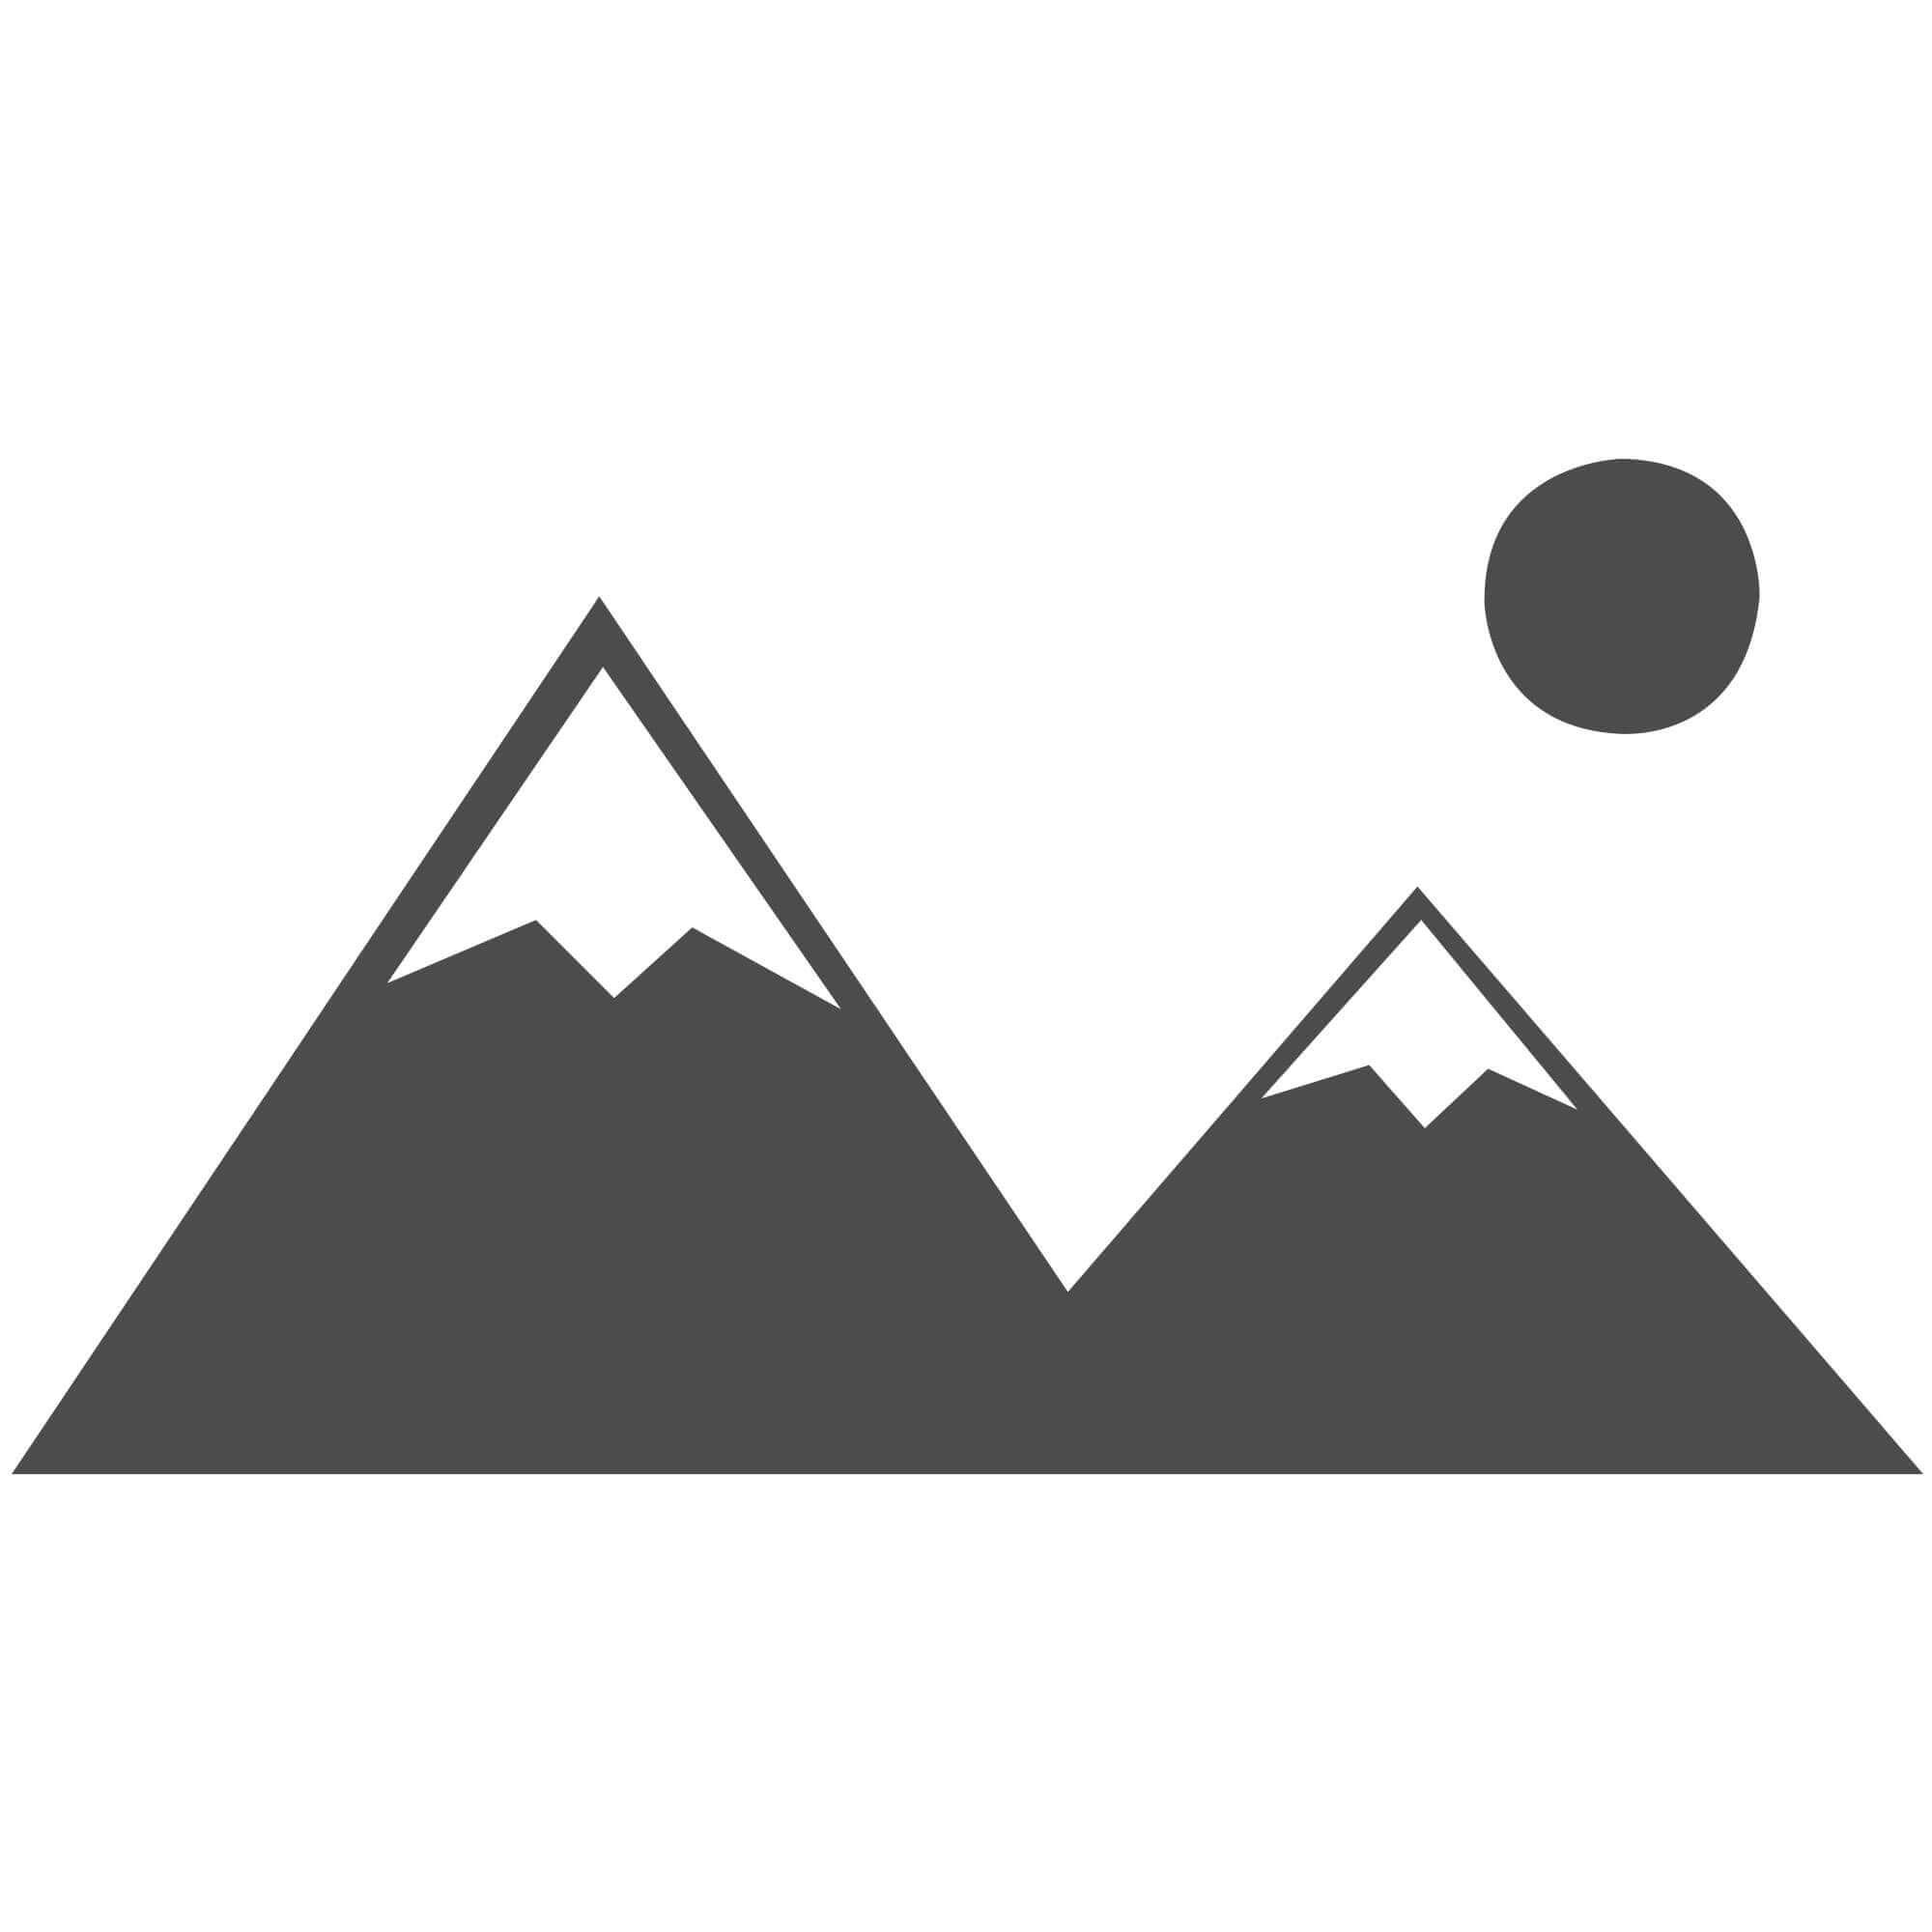 """Galleria Rug - Squares 63244 6474 - Size 160 x 230 cm (5'3"""" x 7'7"""")"""